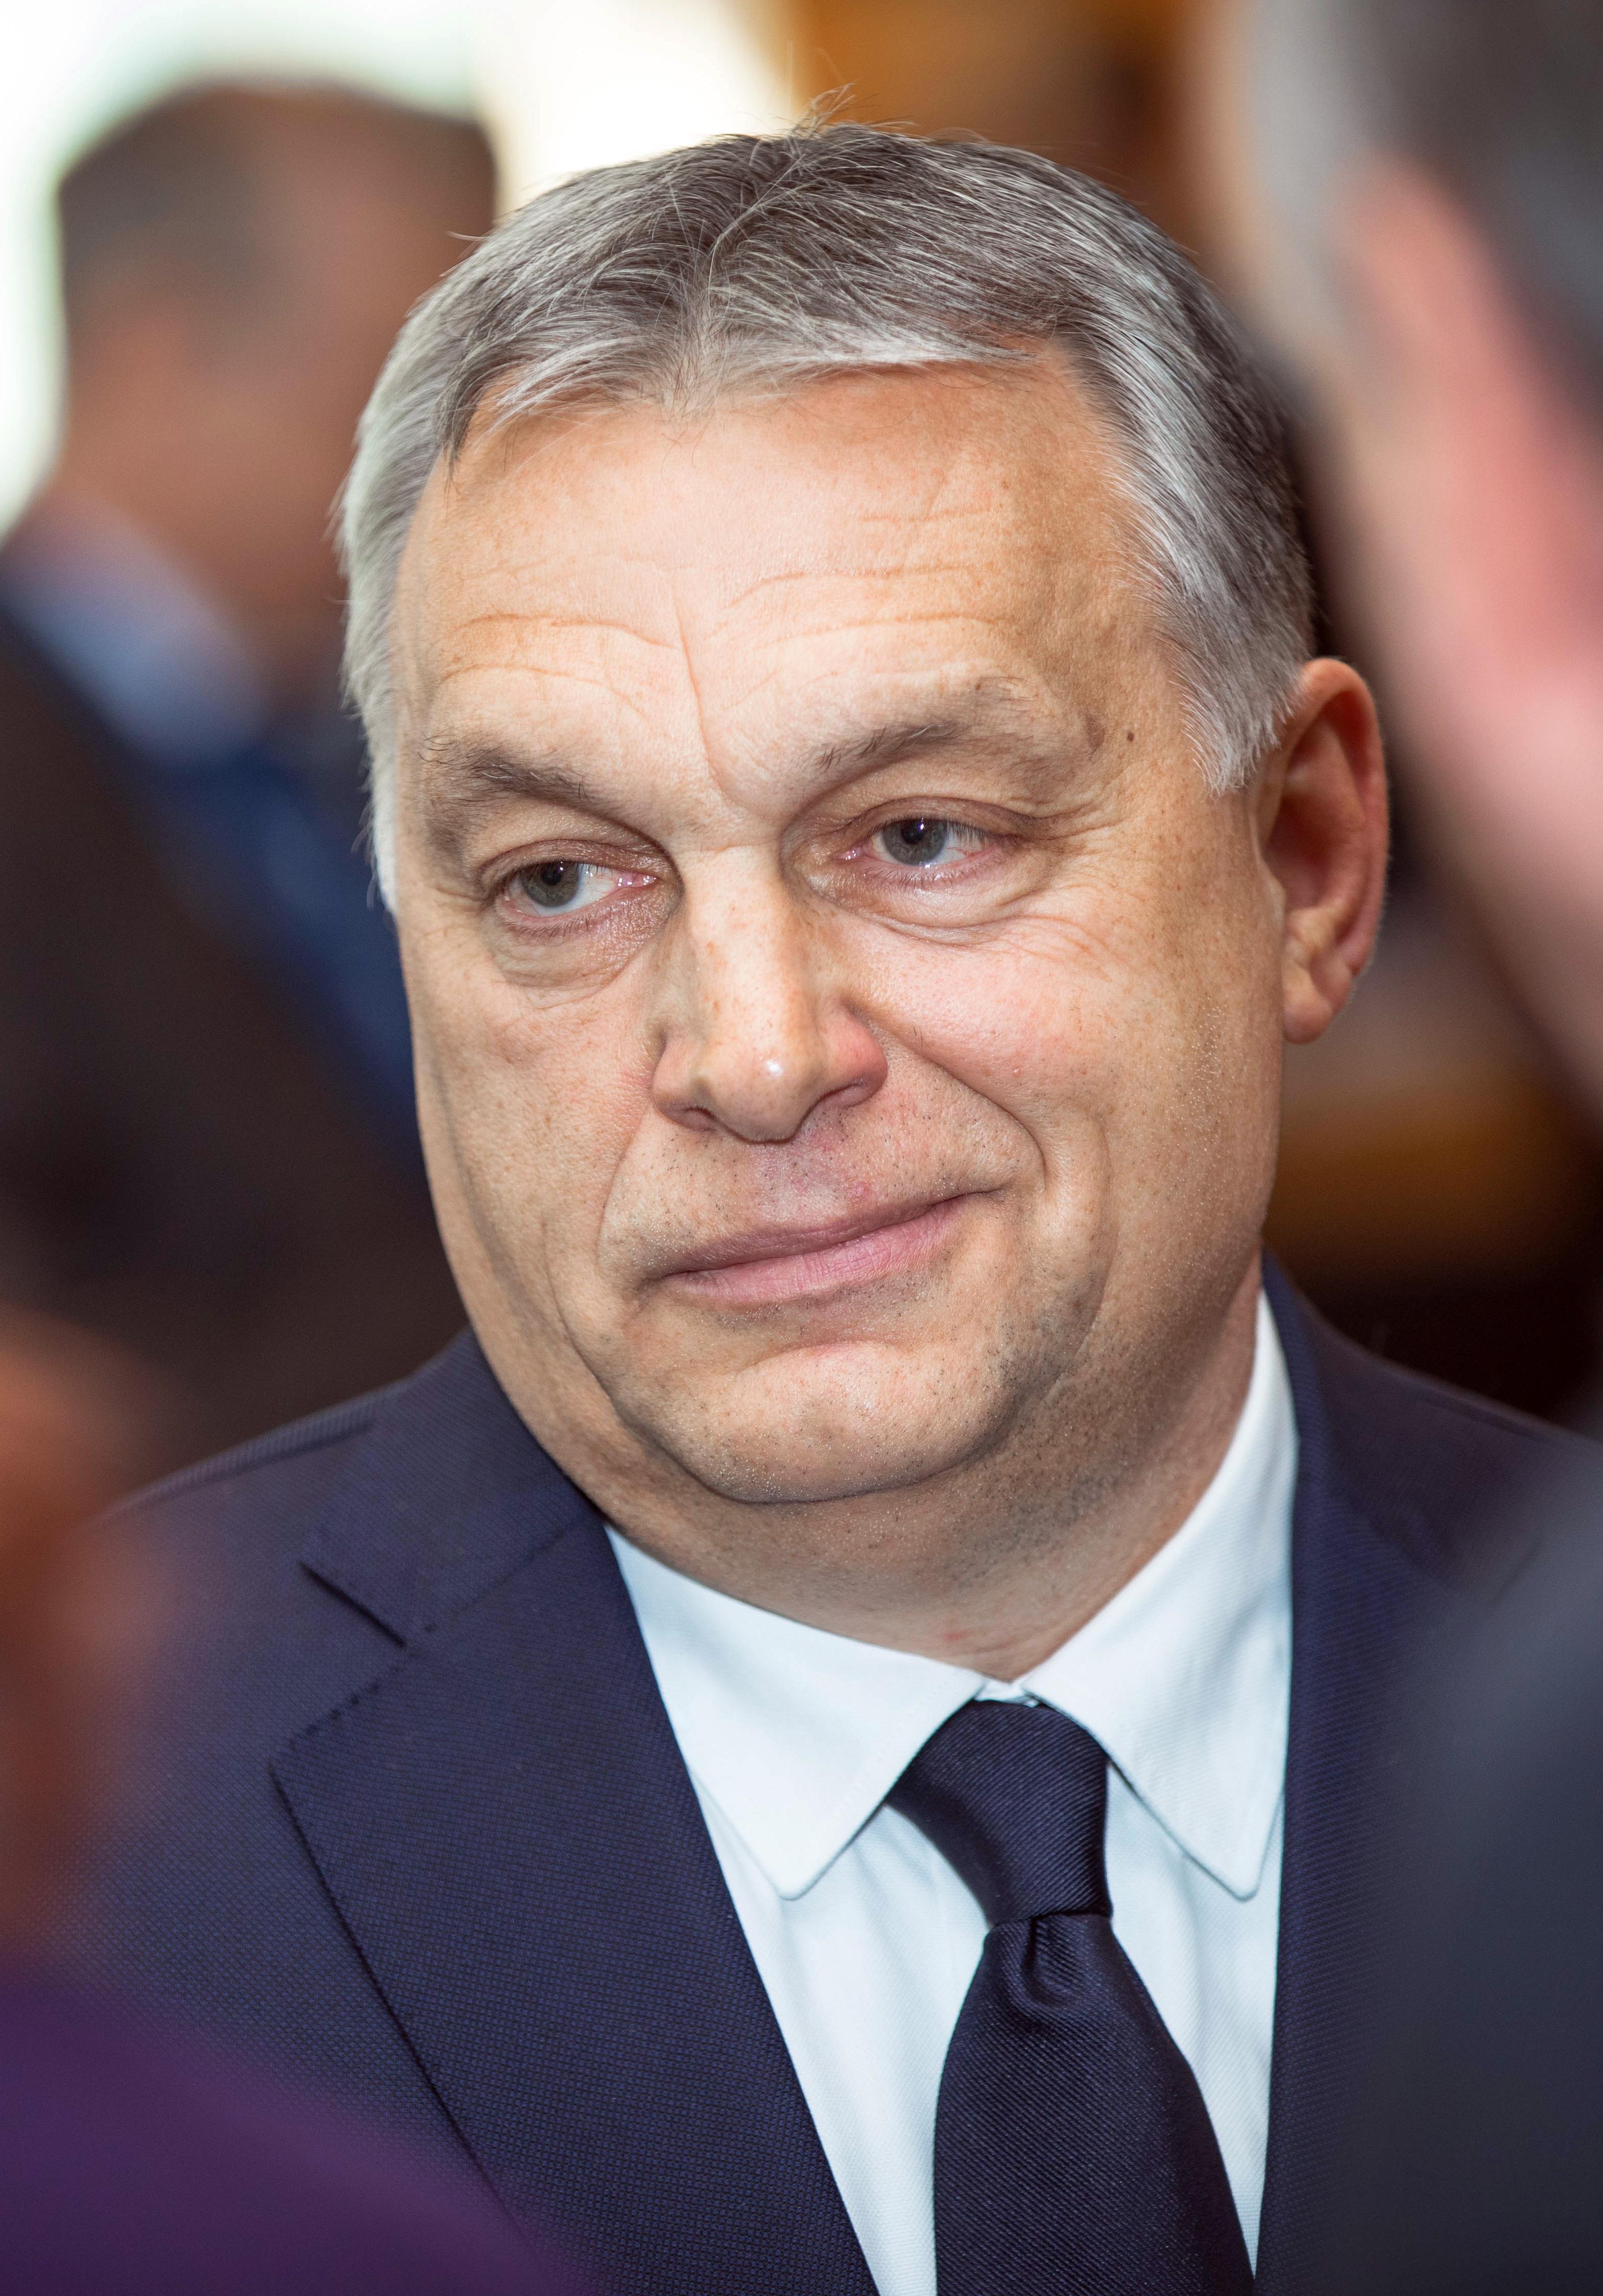 Den 58-år gammal 174 cm lång Orban Viktor i 2021